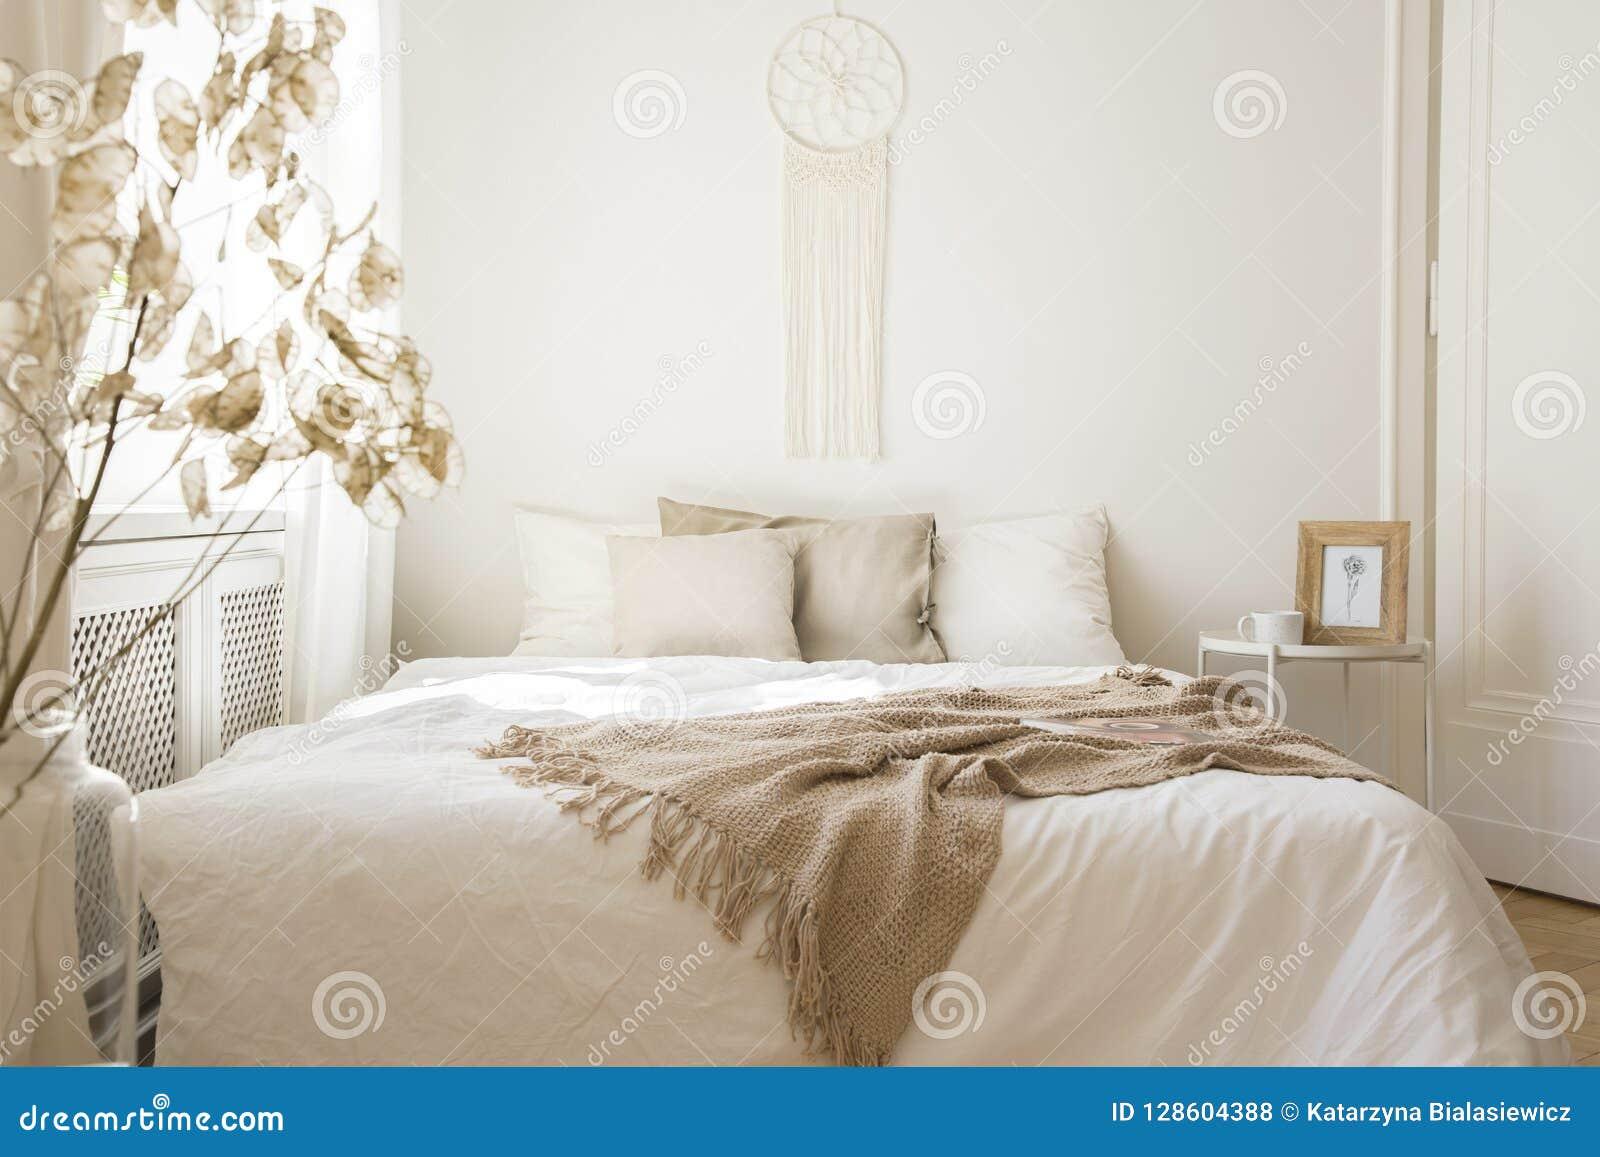 Одеяло на белой кровати с валиками в минимальном интерьере спальни с заводом и таблицей